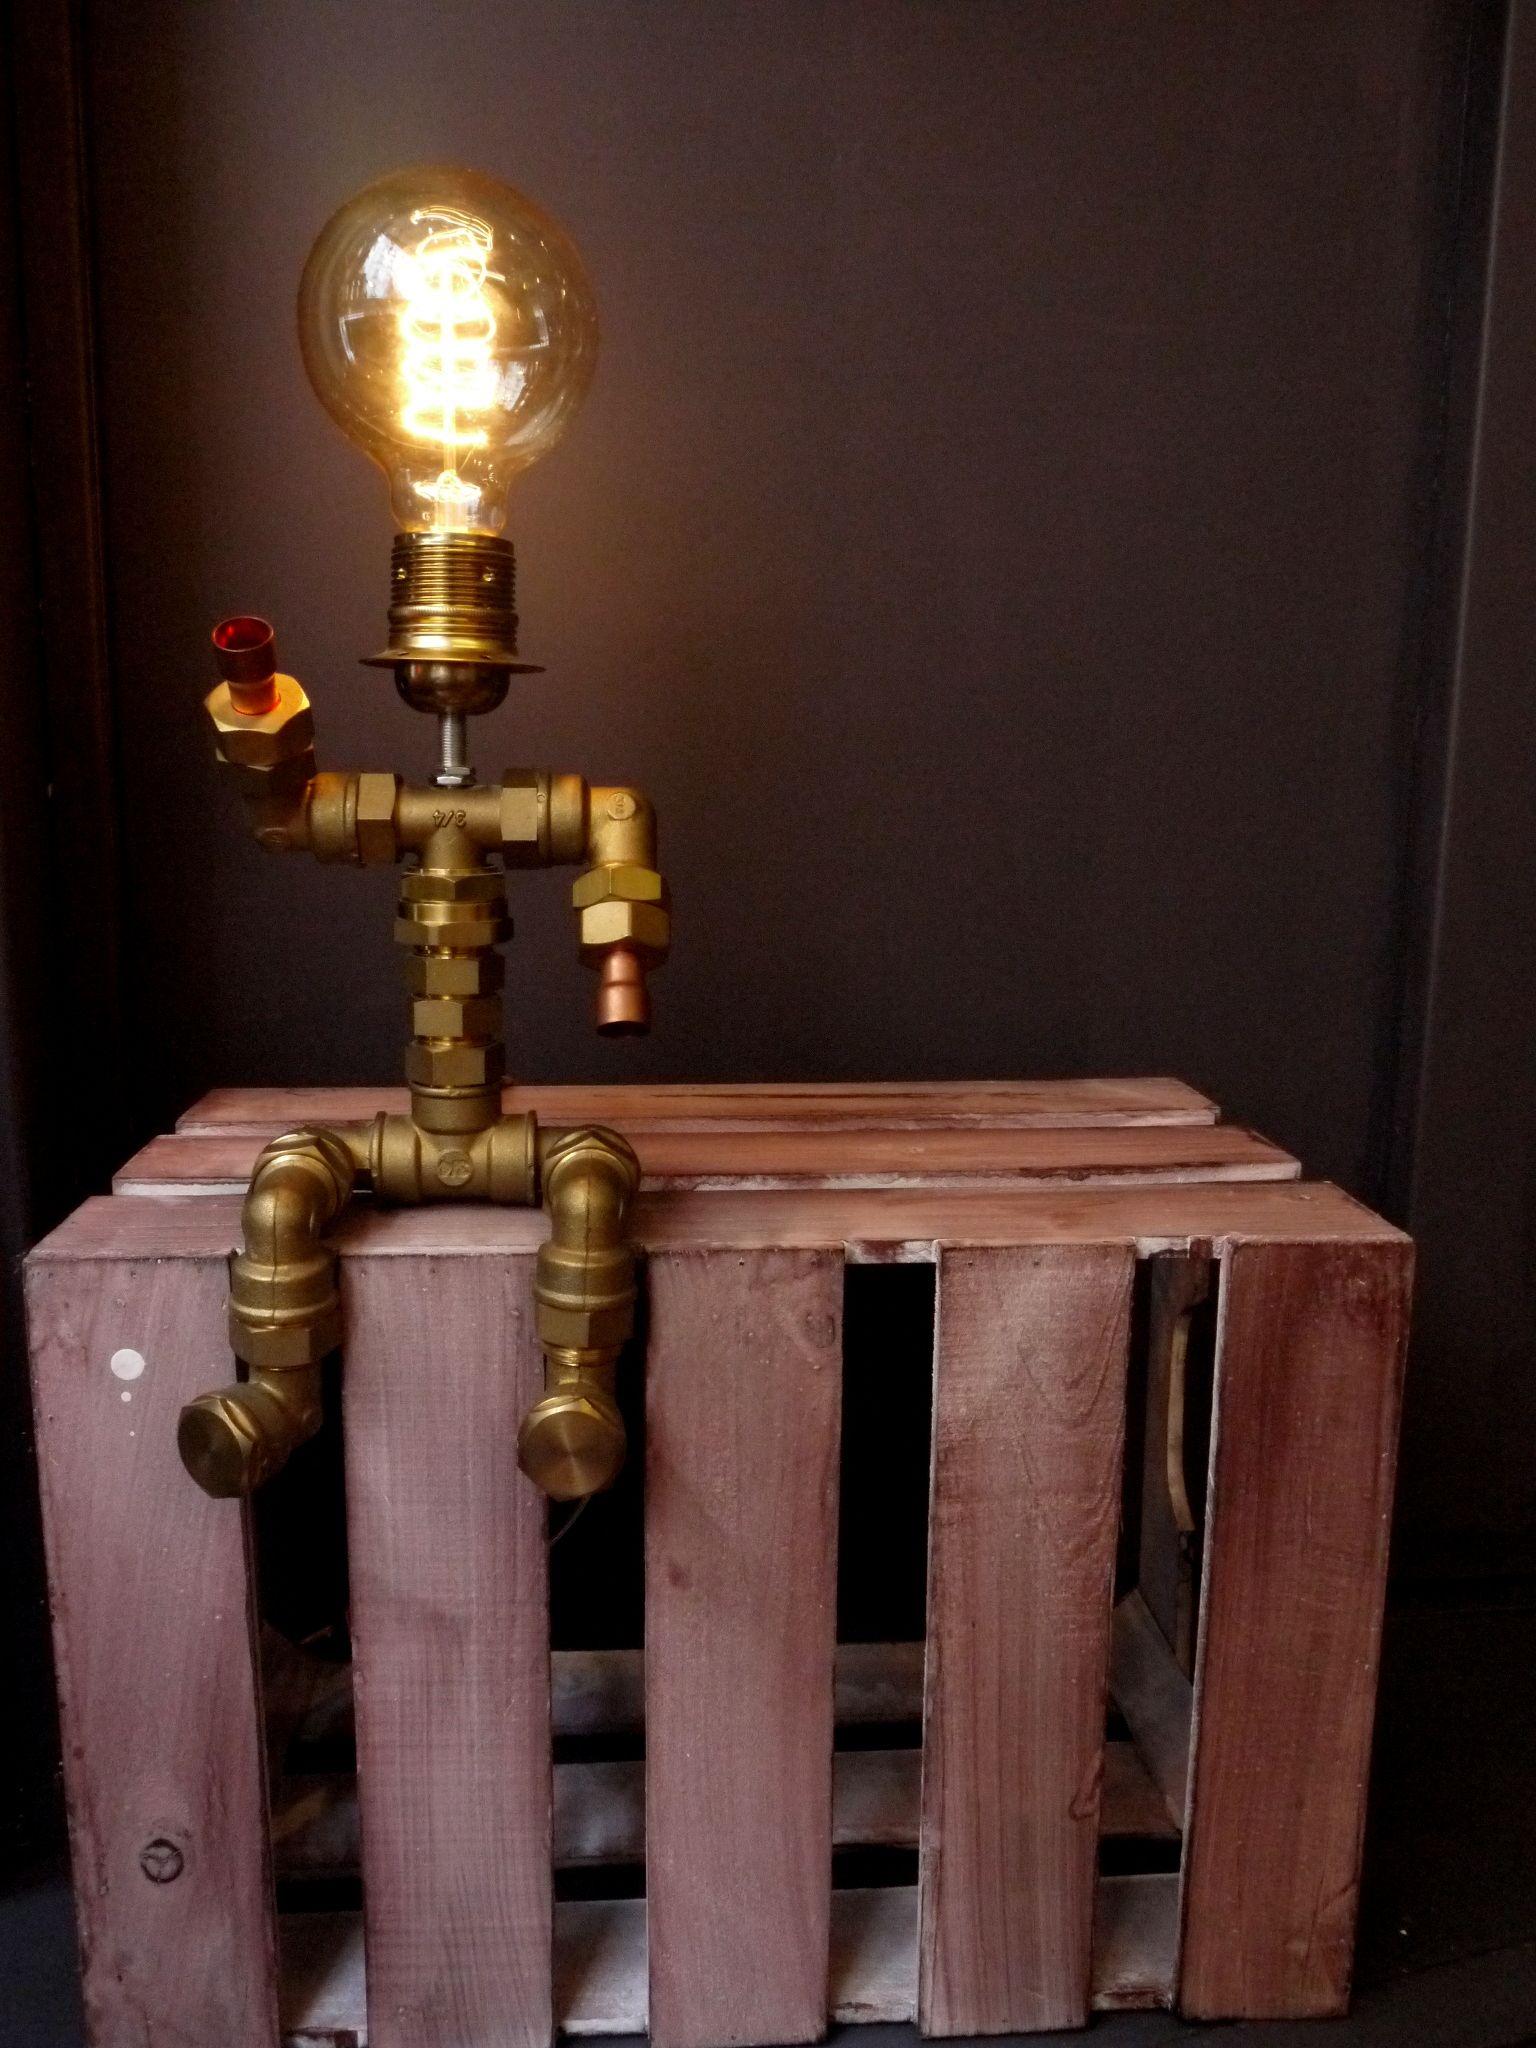 Ampoule vintage  filaments sur une création le I Robot de